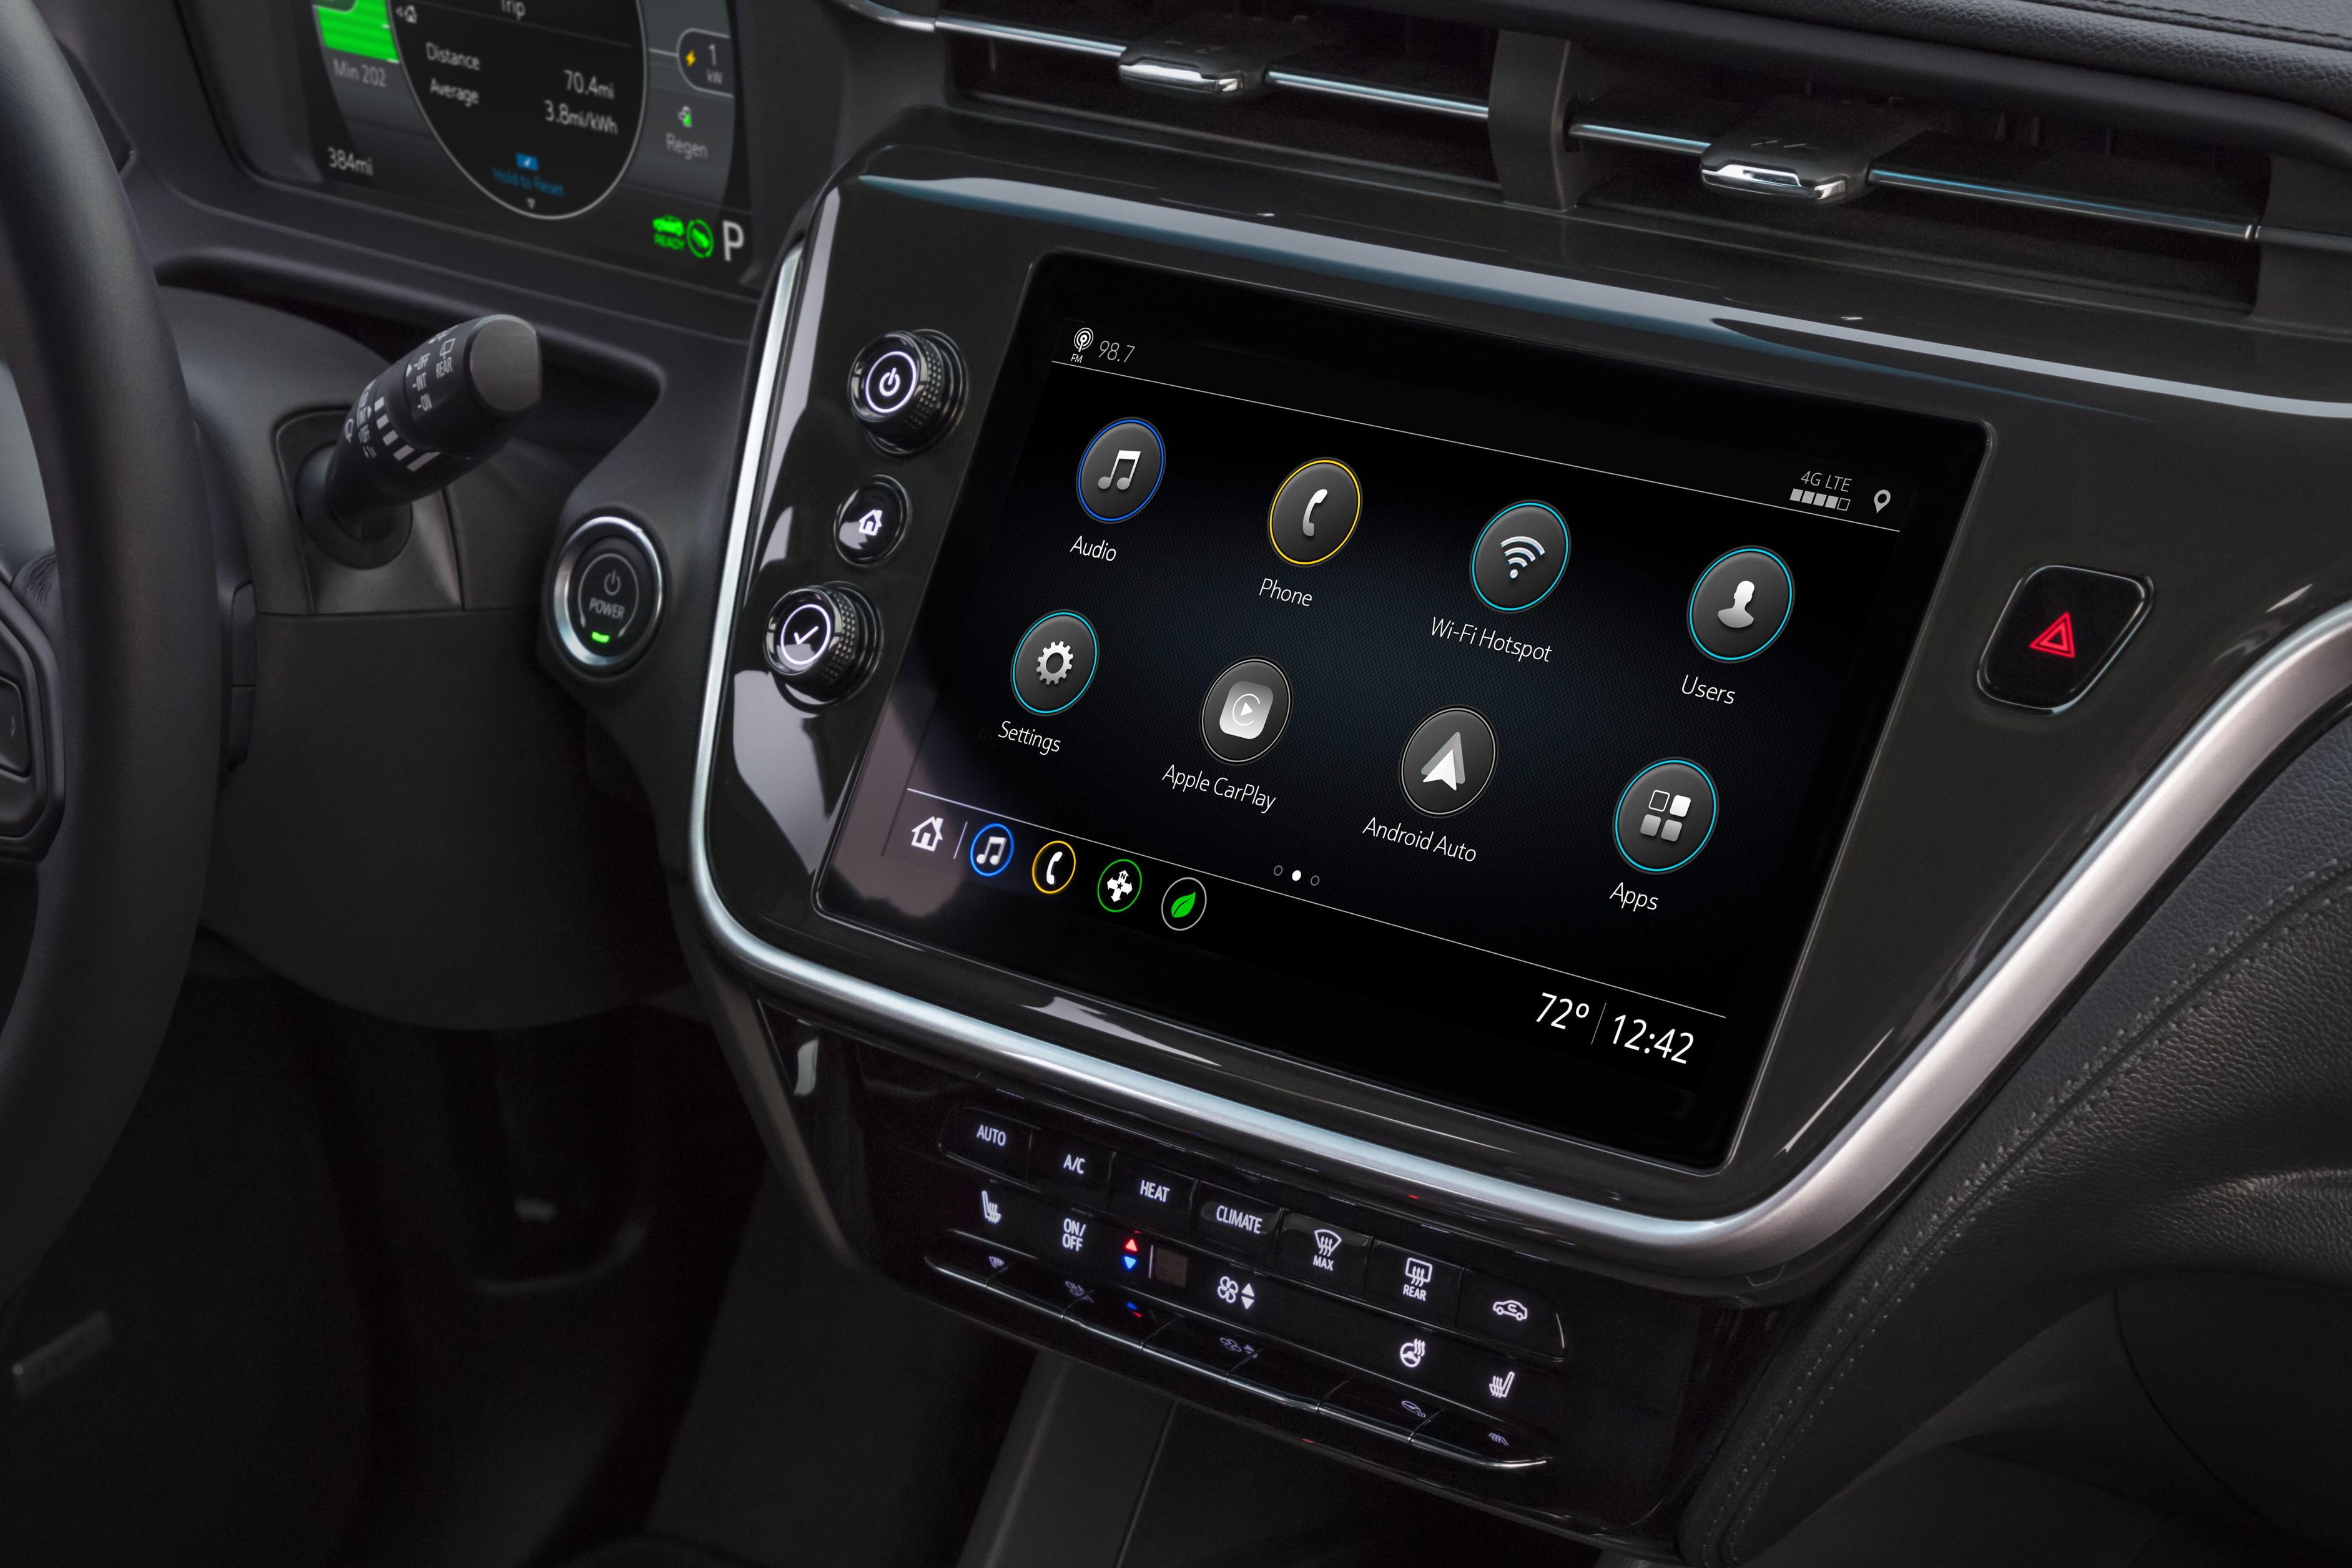 2022 Chevrolet Bolt EV информационно-развлекательная система